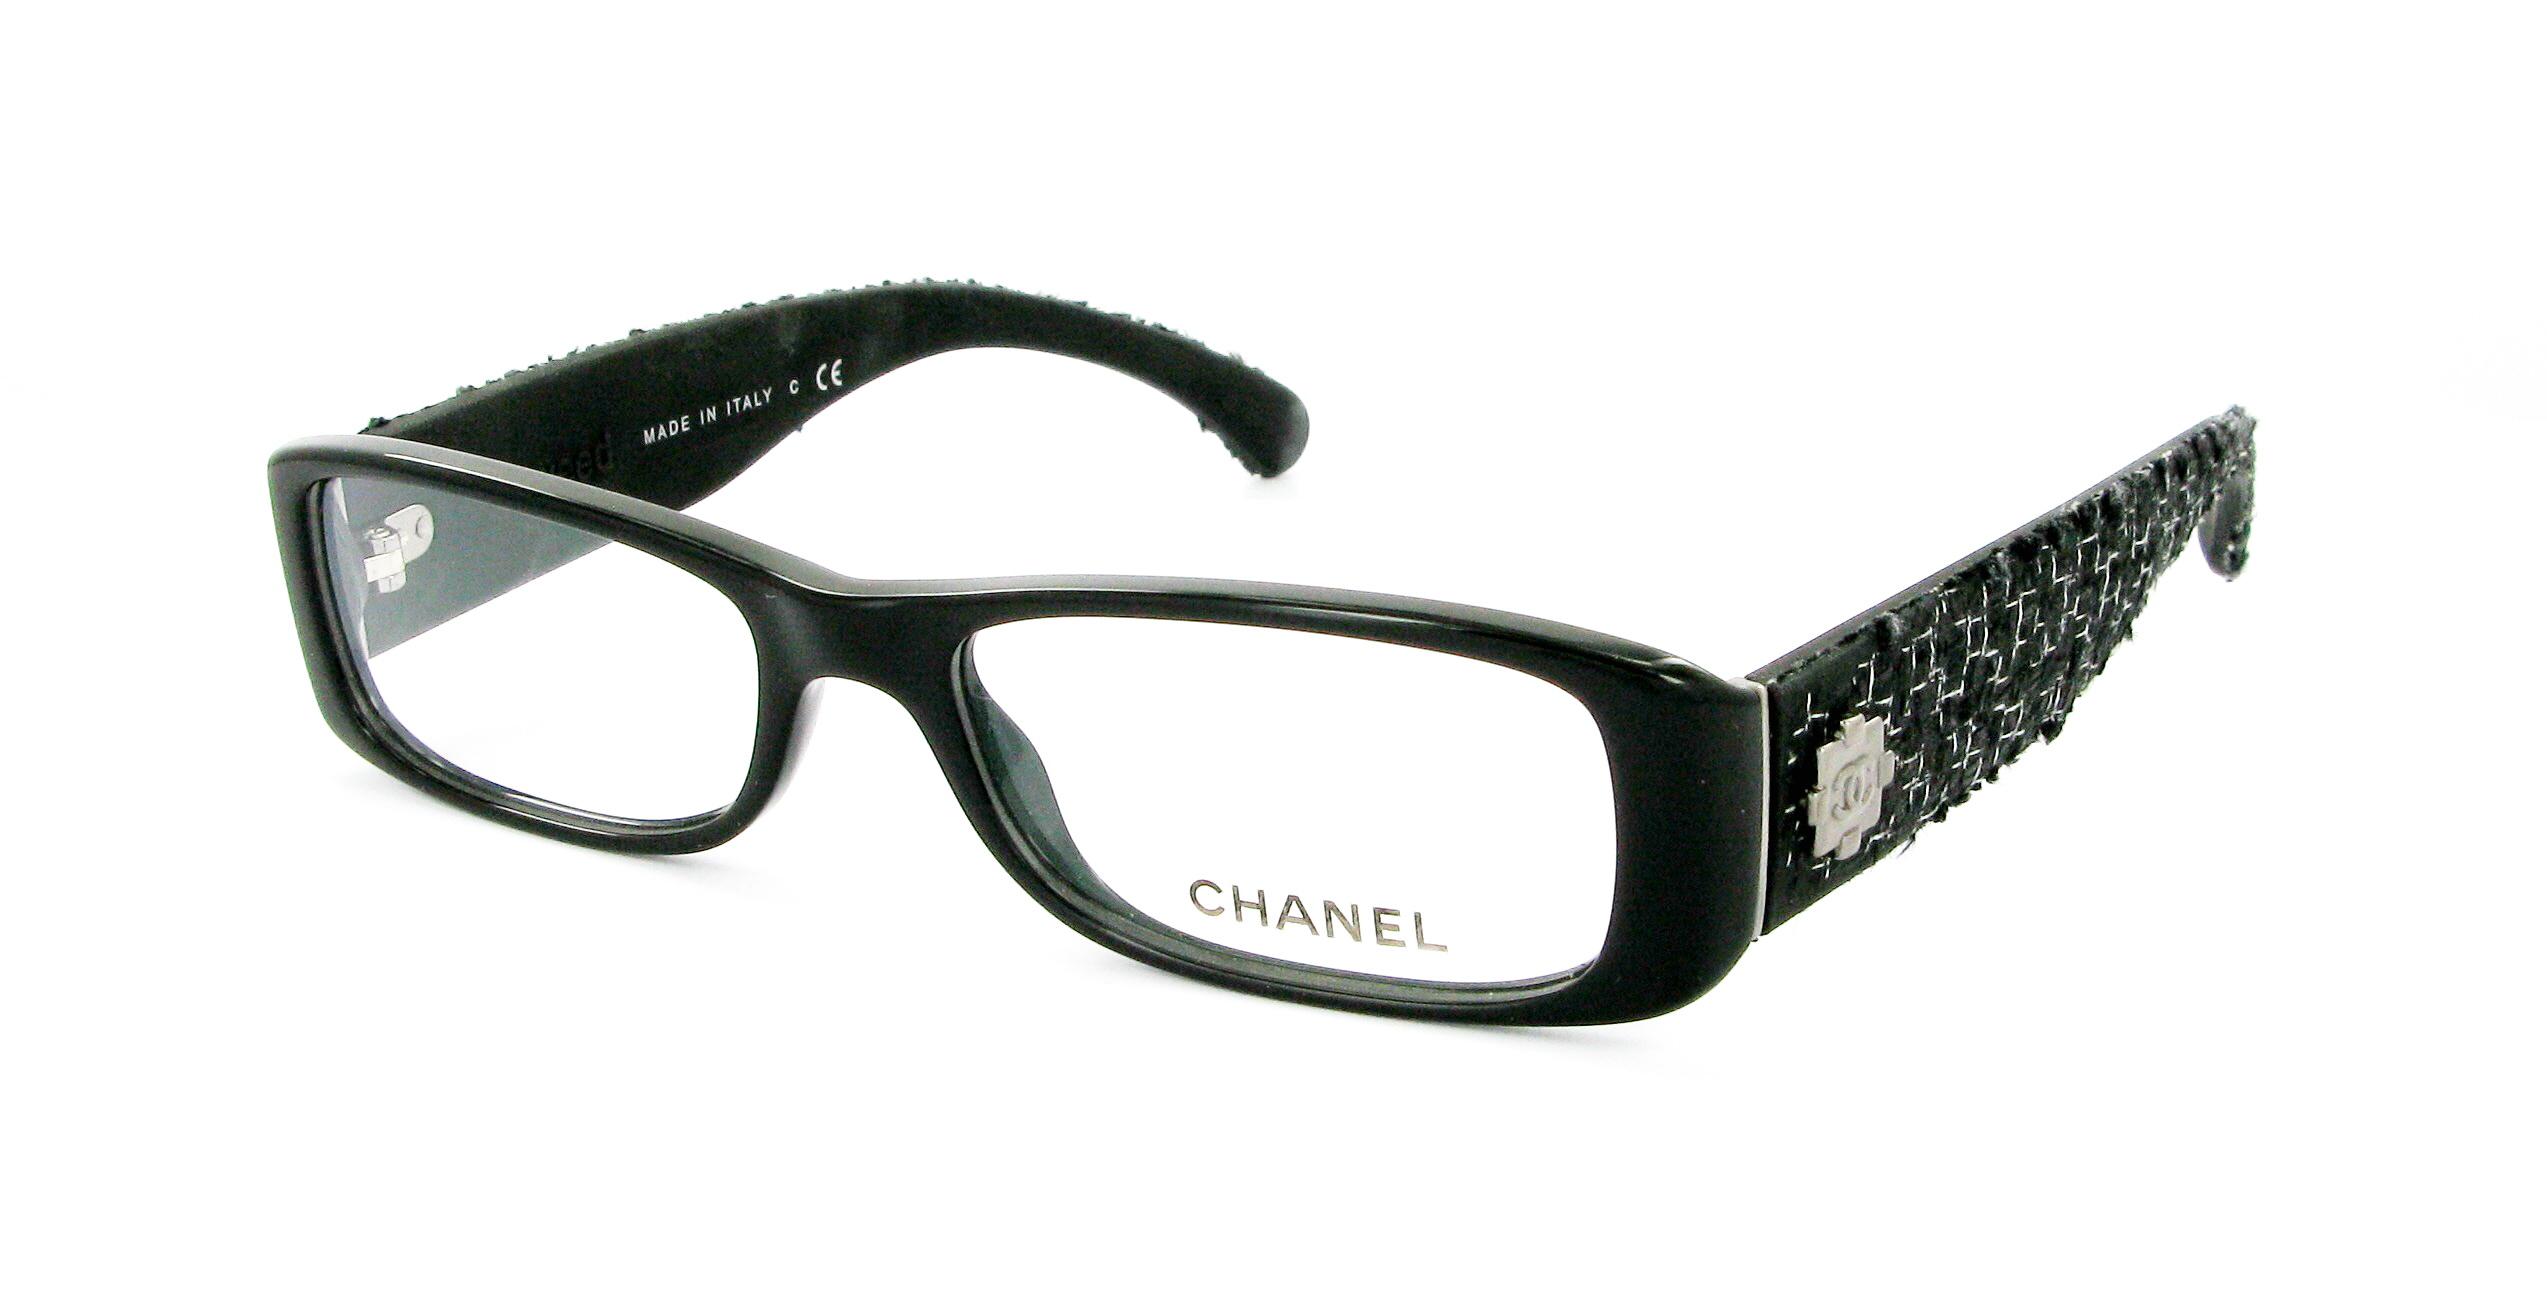 6b54d867b295da Lunette De Vue Chanel Femme   David Simchi-Levi